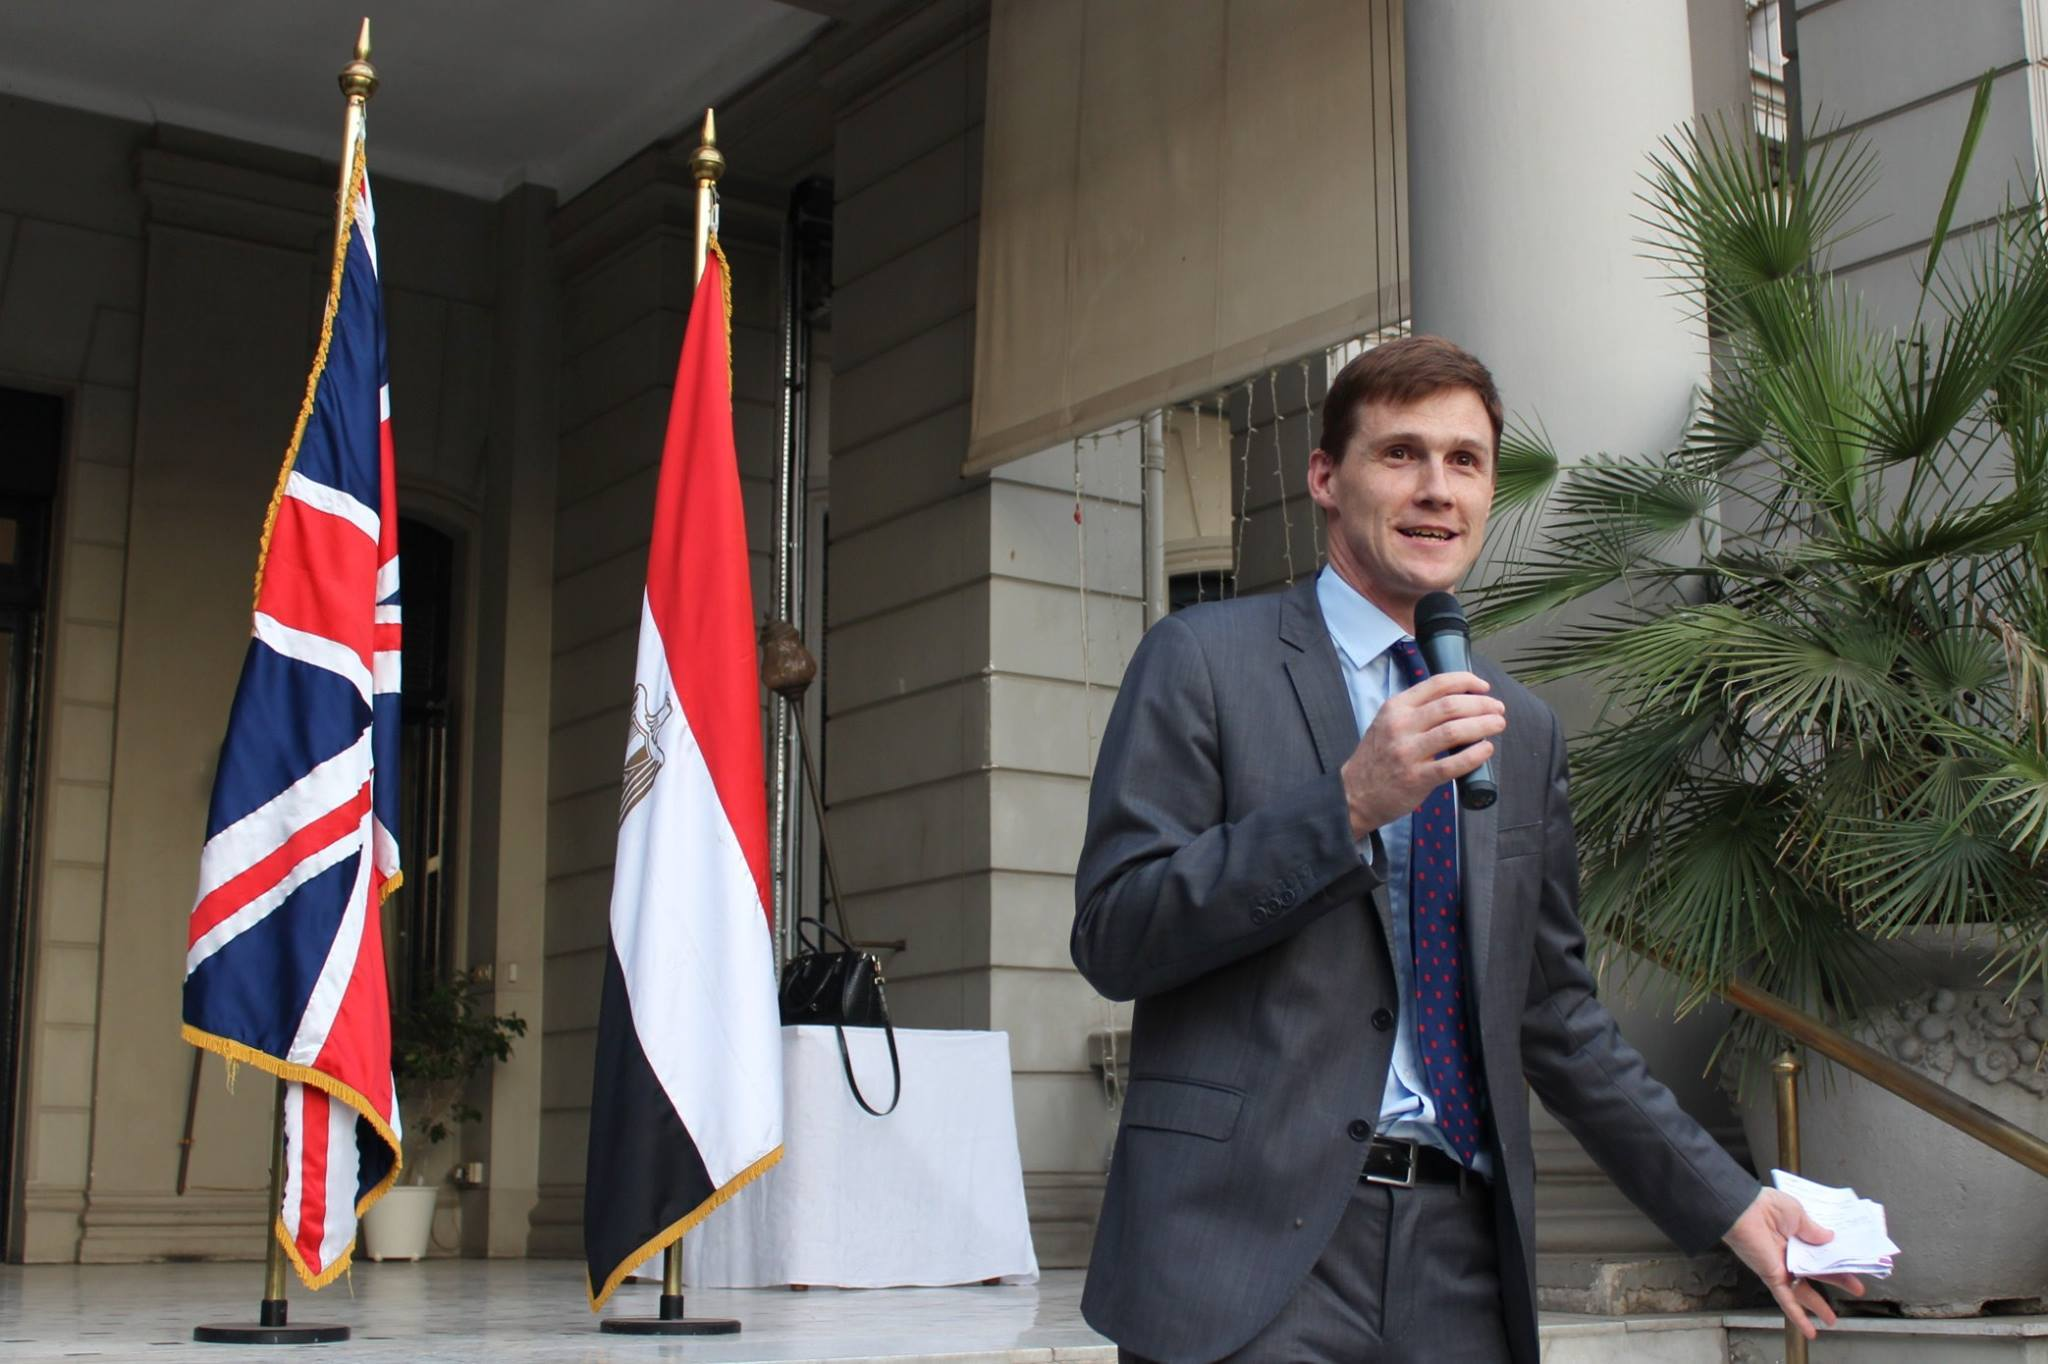 جون كاسن : الشركات البريطانية على استعداد لدعم رؤية مصر للتعليم التنموي